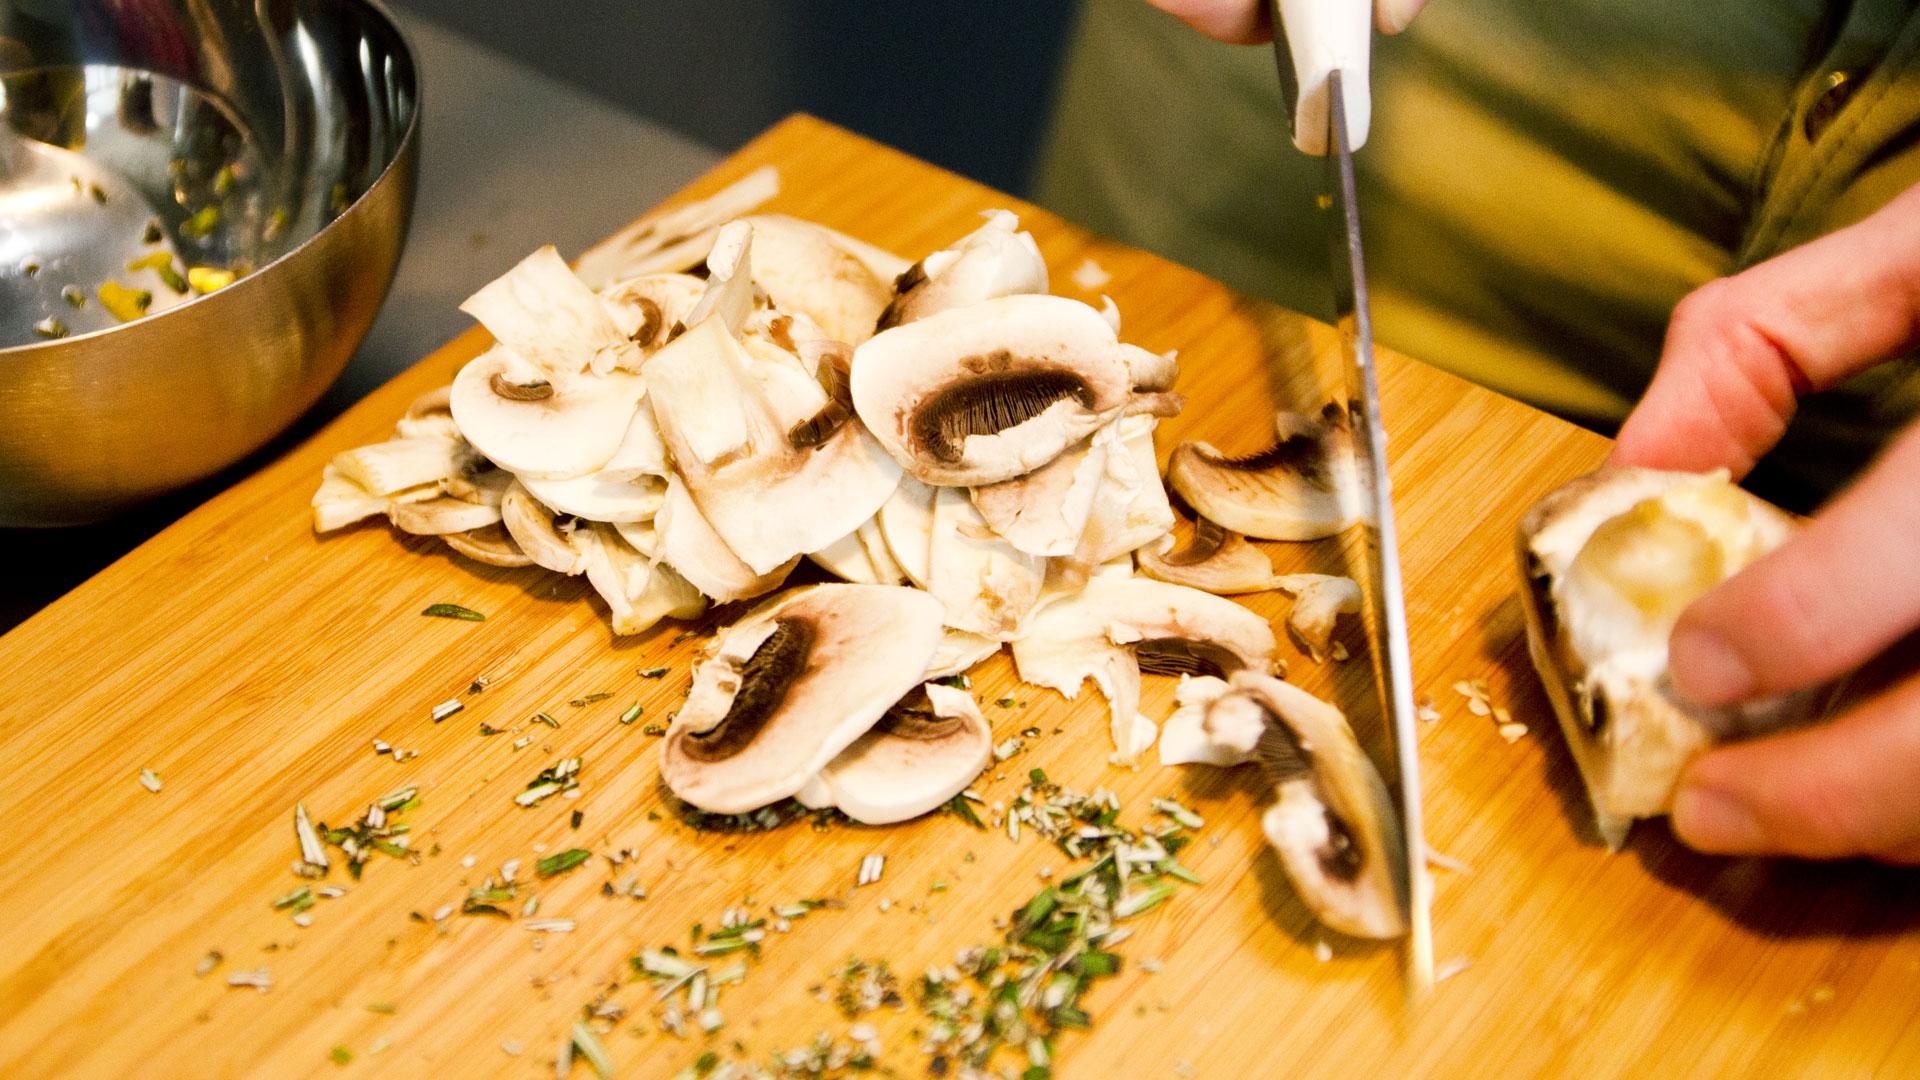 Alastair-prepares-ingredients-for-his-healthy,-vegan,-gluten-free-lentil-lemon-rosemary-rocket-mushroom-salad-recipe-Foodadit